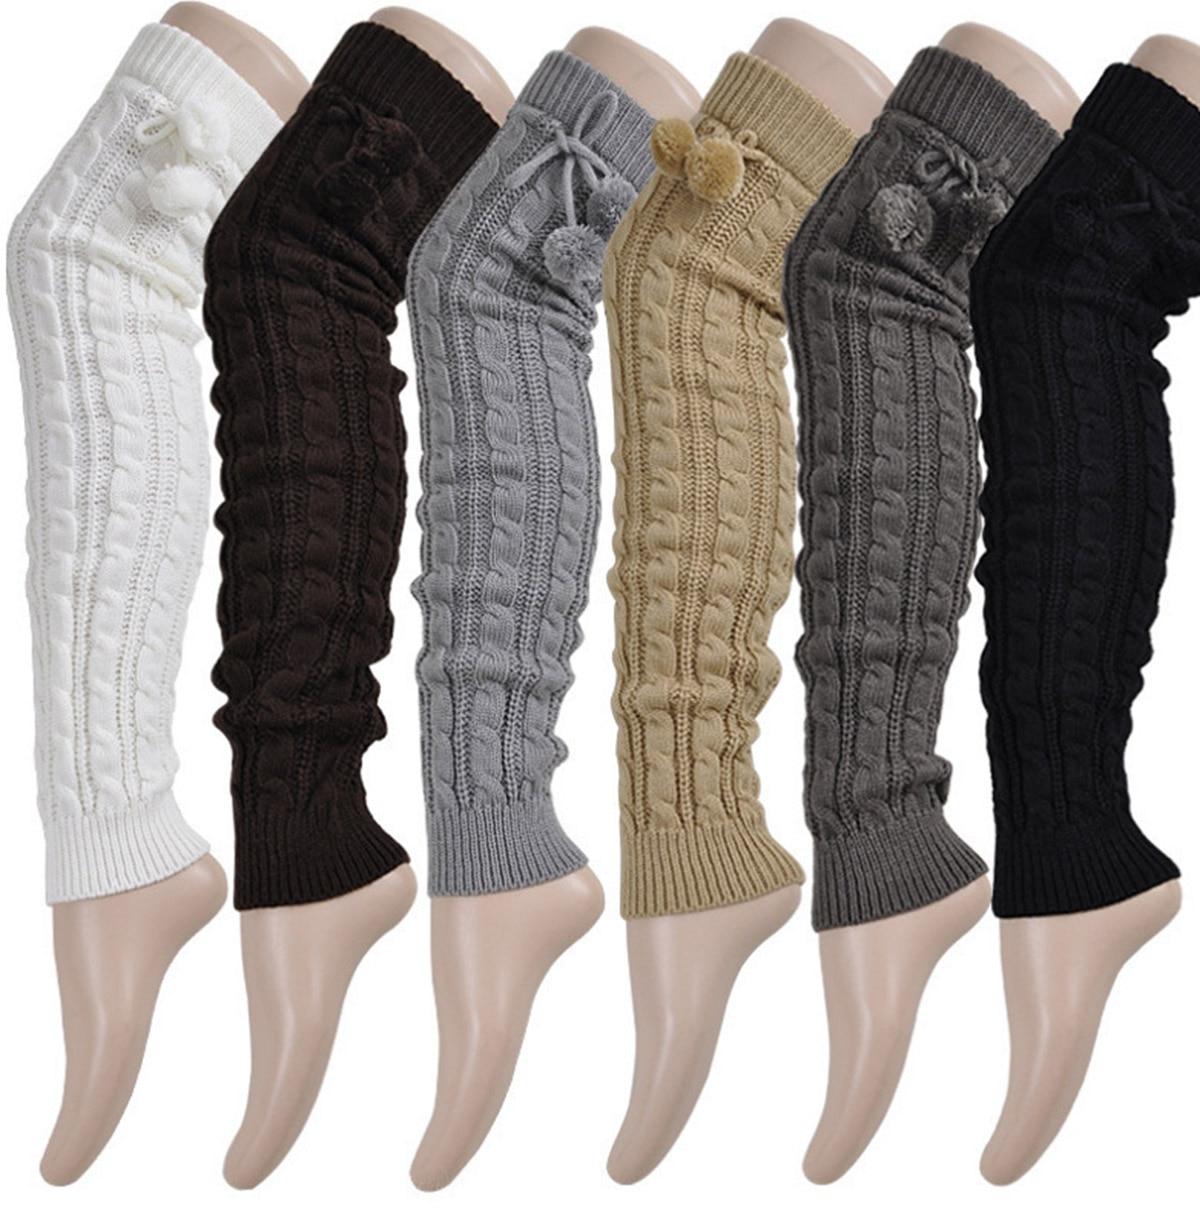 Носки, гетры, чулки, гетры, колготки, гольфы, носки, гольфы, носки, спортивные носки, носки, сапоги, длинные носки, длинные чулки, женские танце...